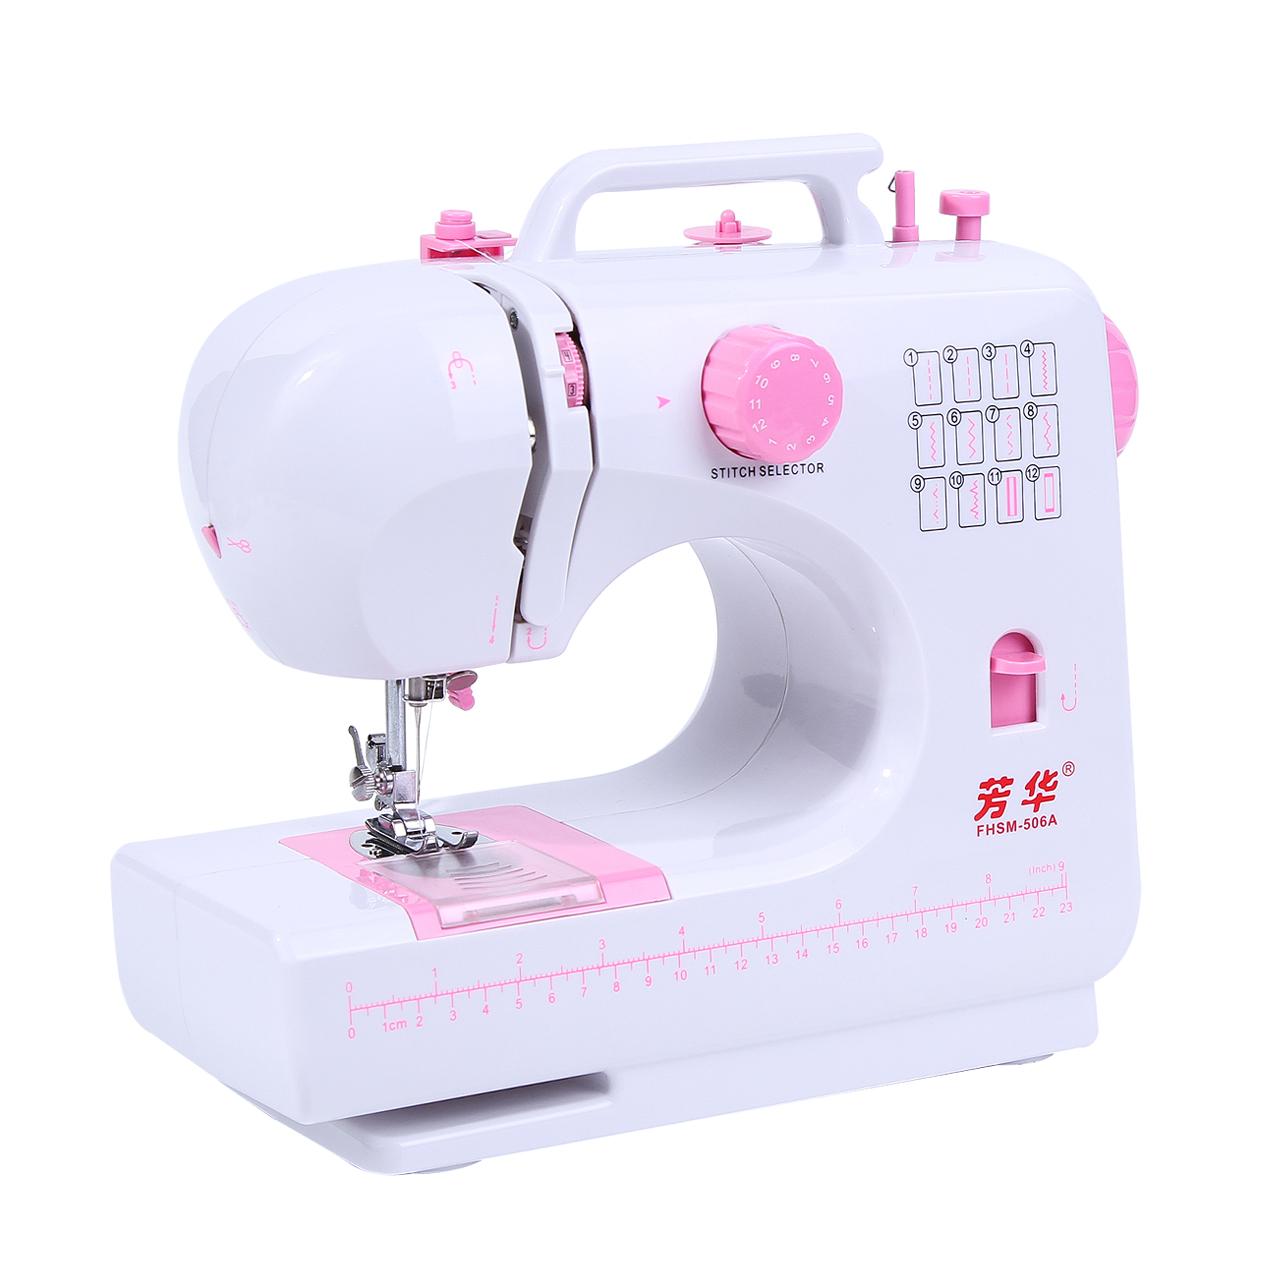 芳华506A电动缝纫机家用多功能吃厚锁边锁扣眼迷你小型台式缝纫机